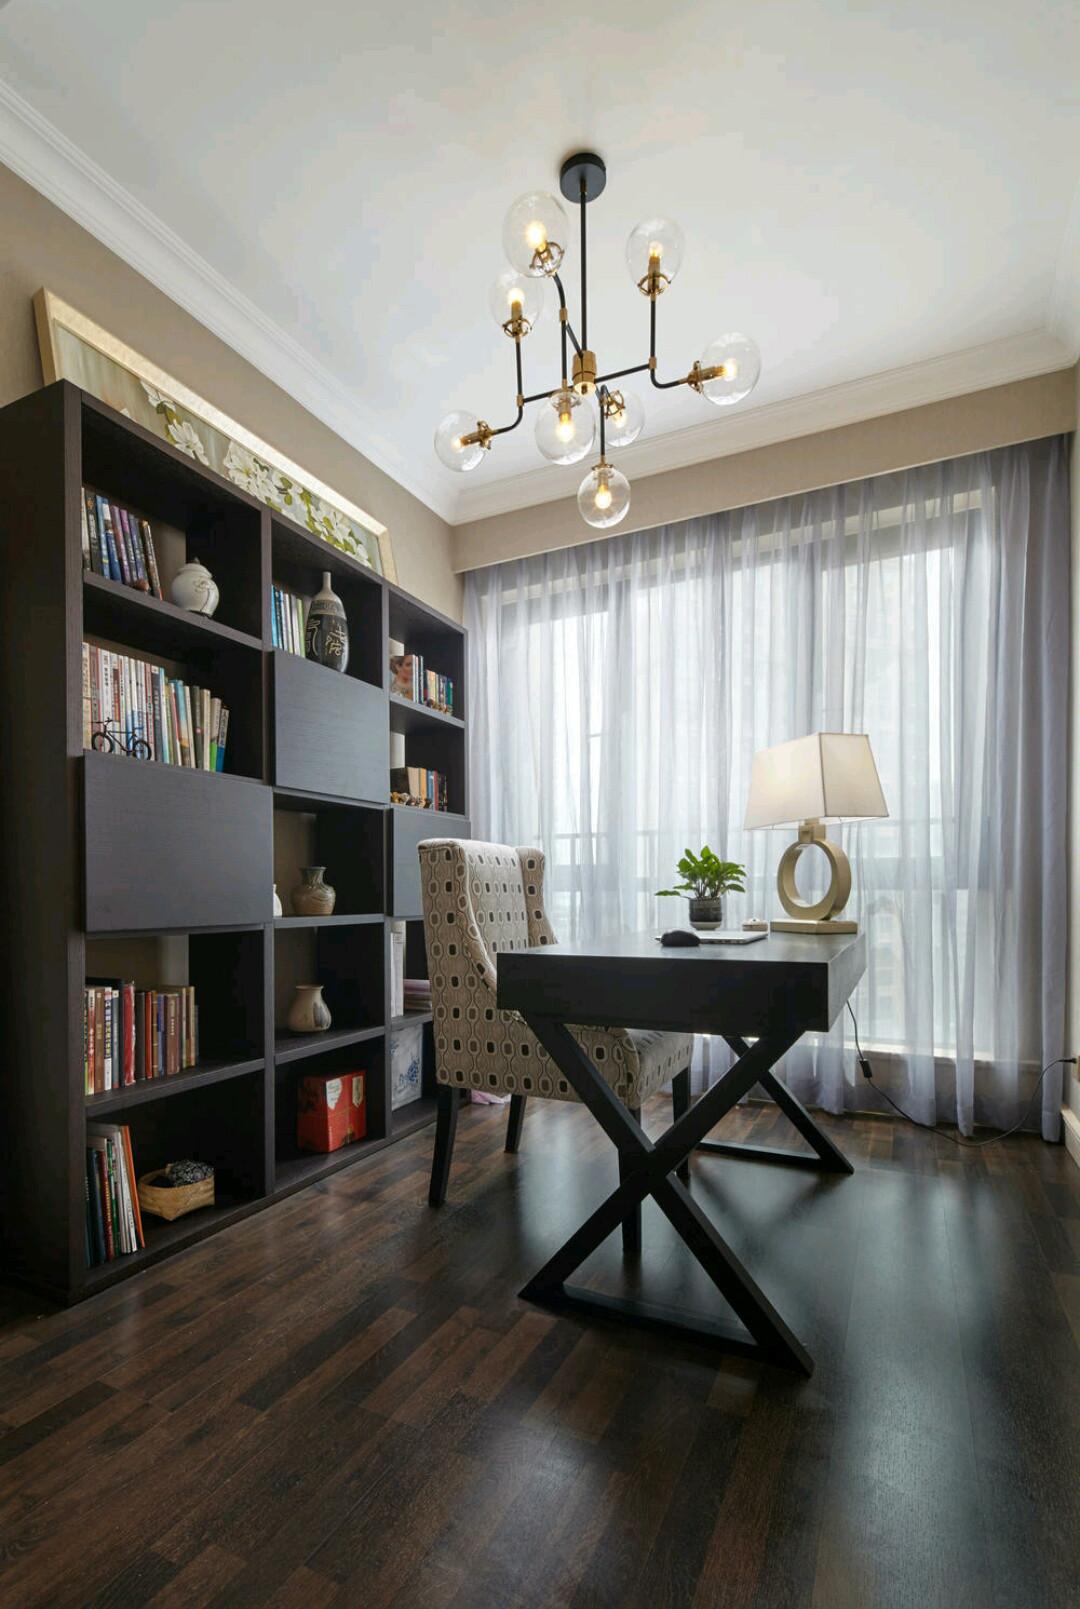 130㎡现代美式装修书房效果图